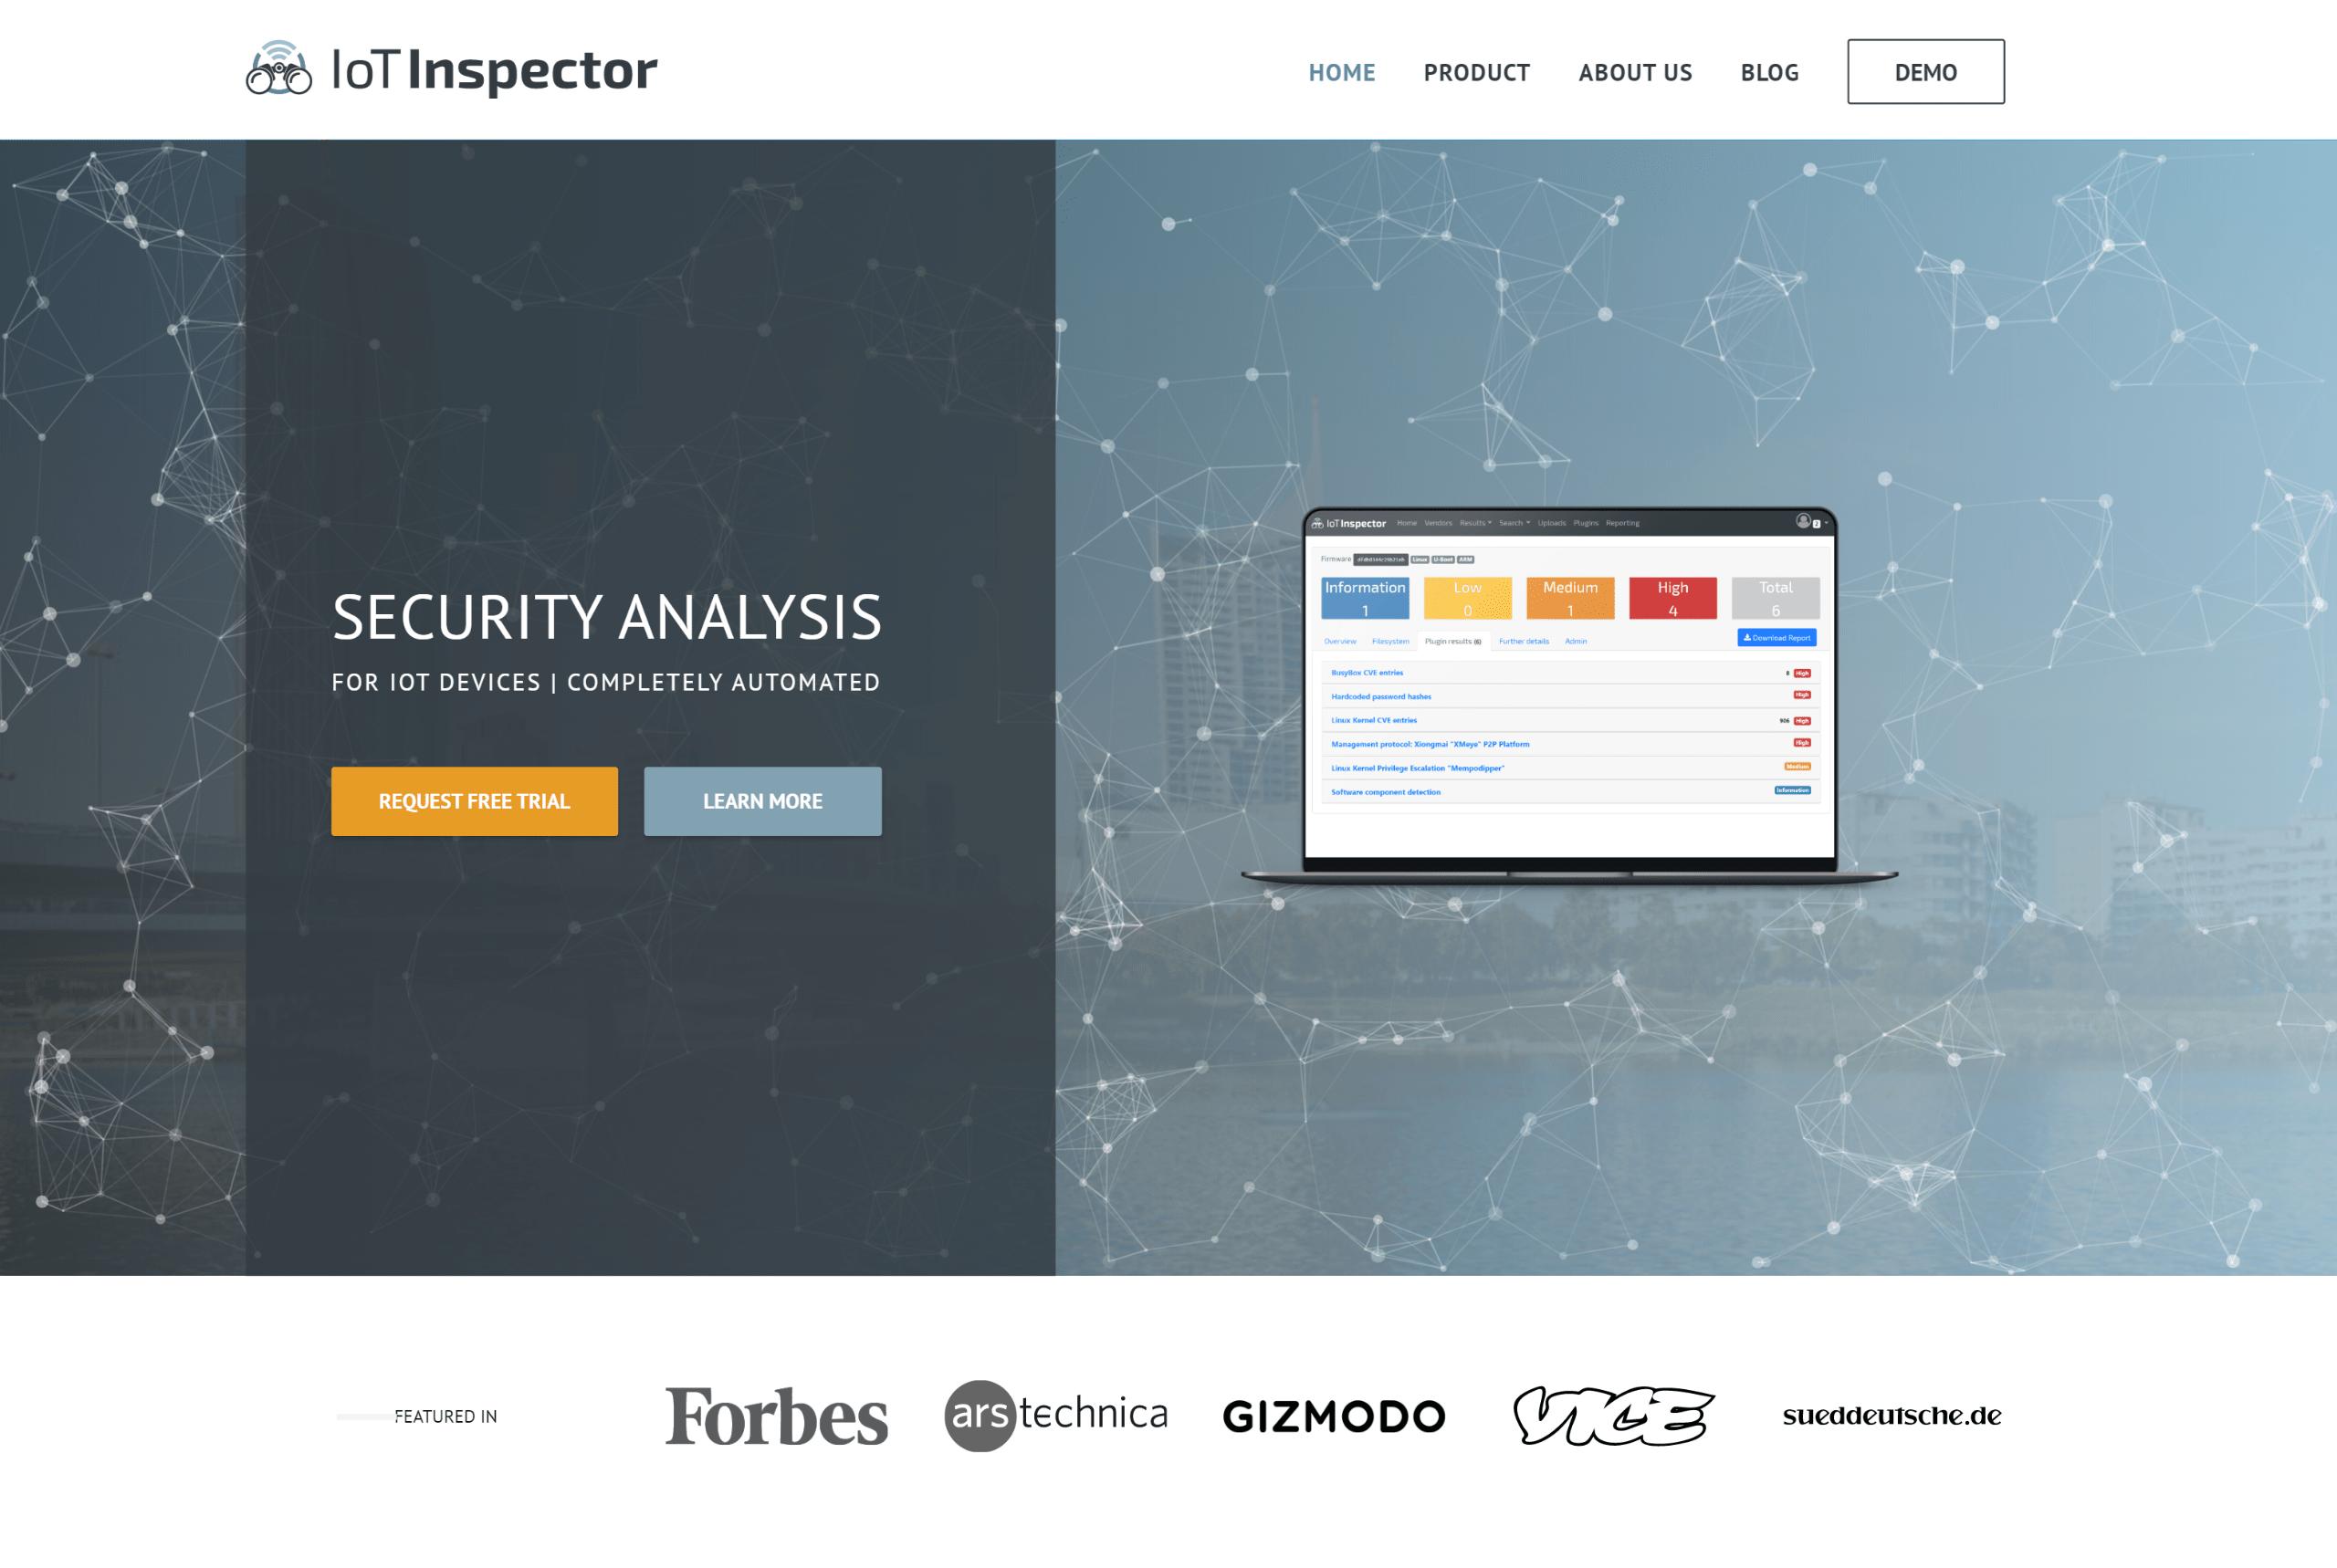 Iot Inspector Min